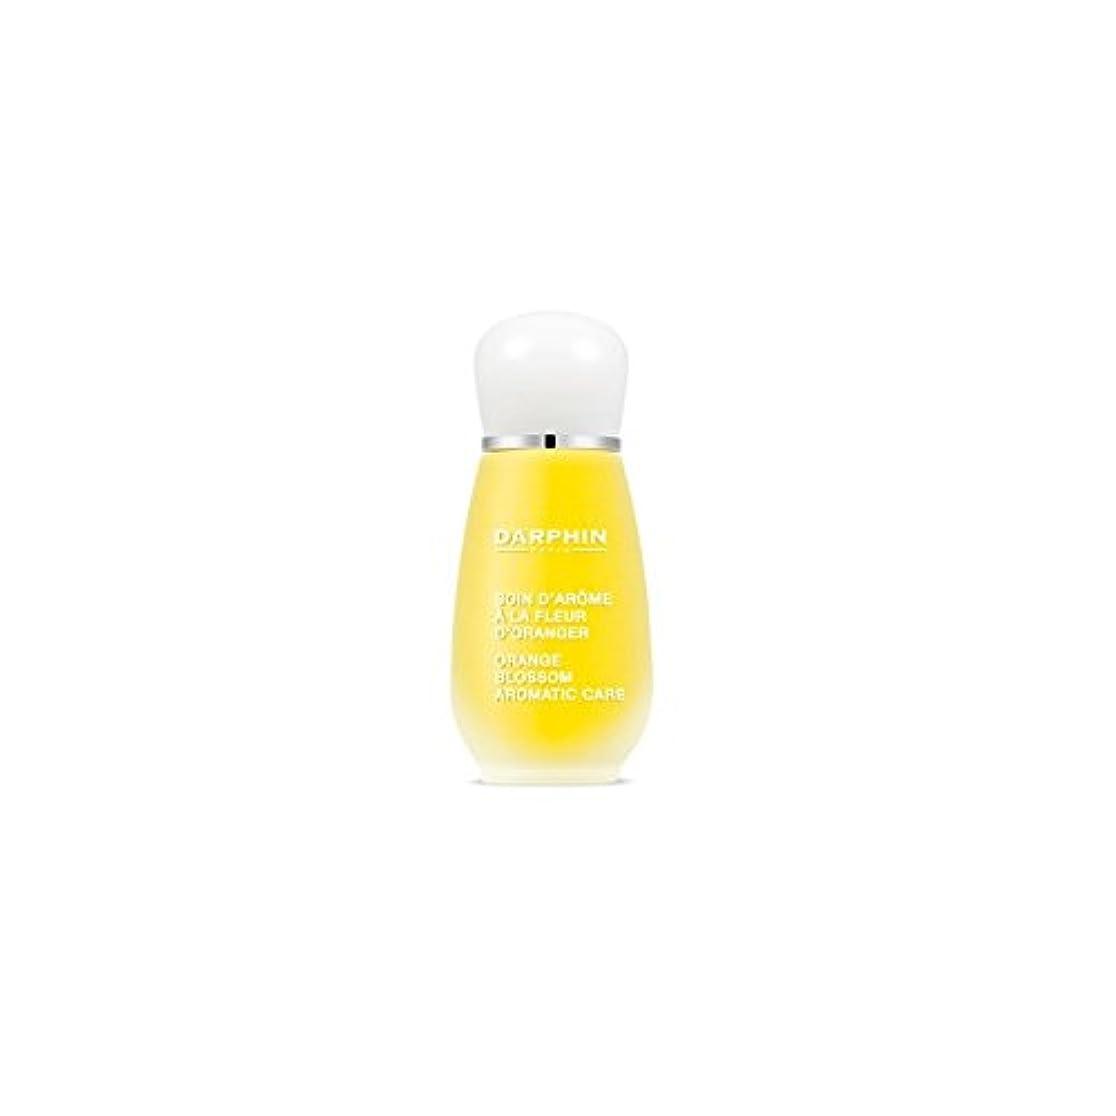 接続詞バーベキューなぜダルファンオレンジの花の芳香ケア(15ミリリットル) x4 - Darphin Orange Blossom Aromatic Care (15ml) (Pack of 4) [並行輸入品]